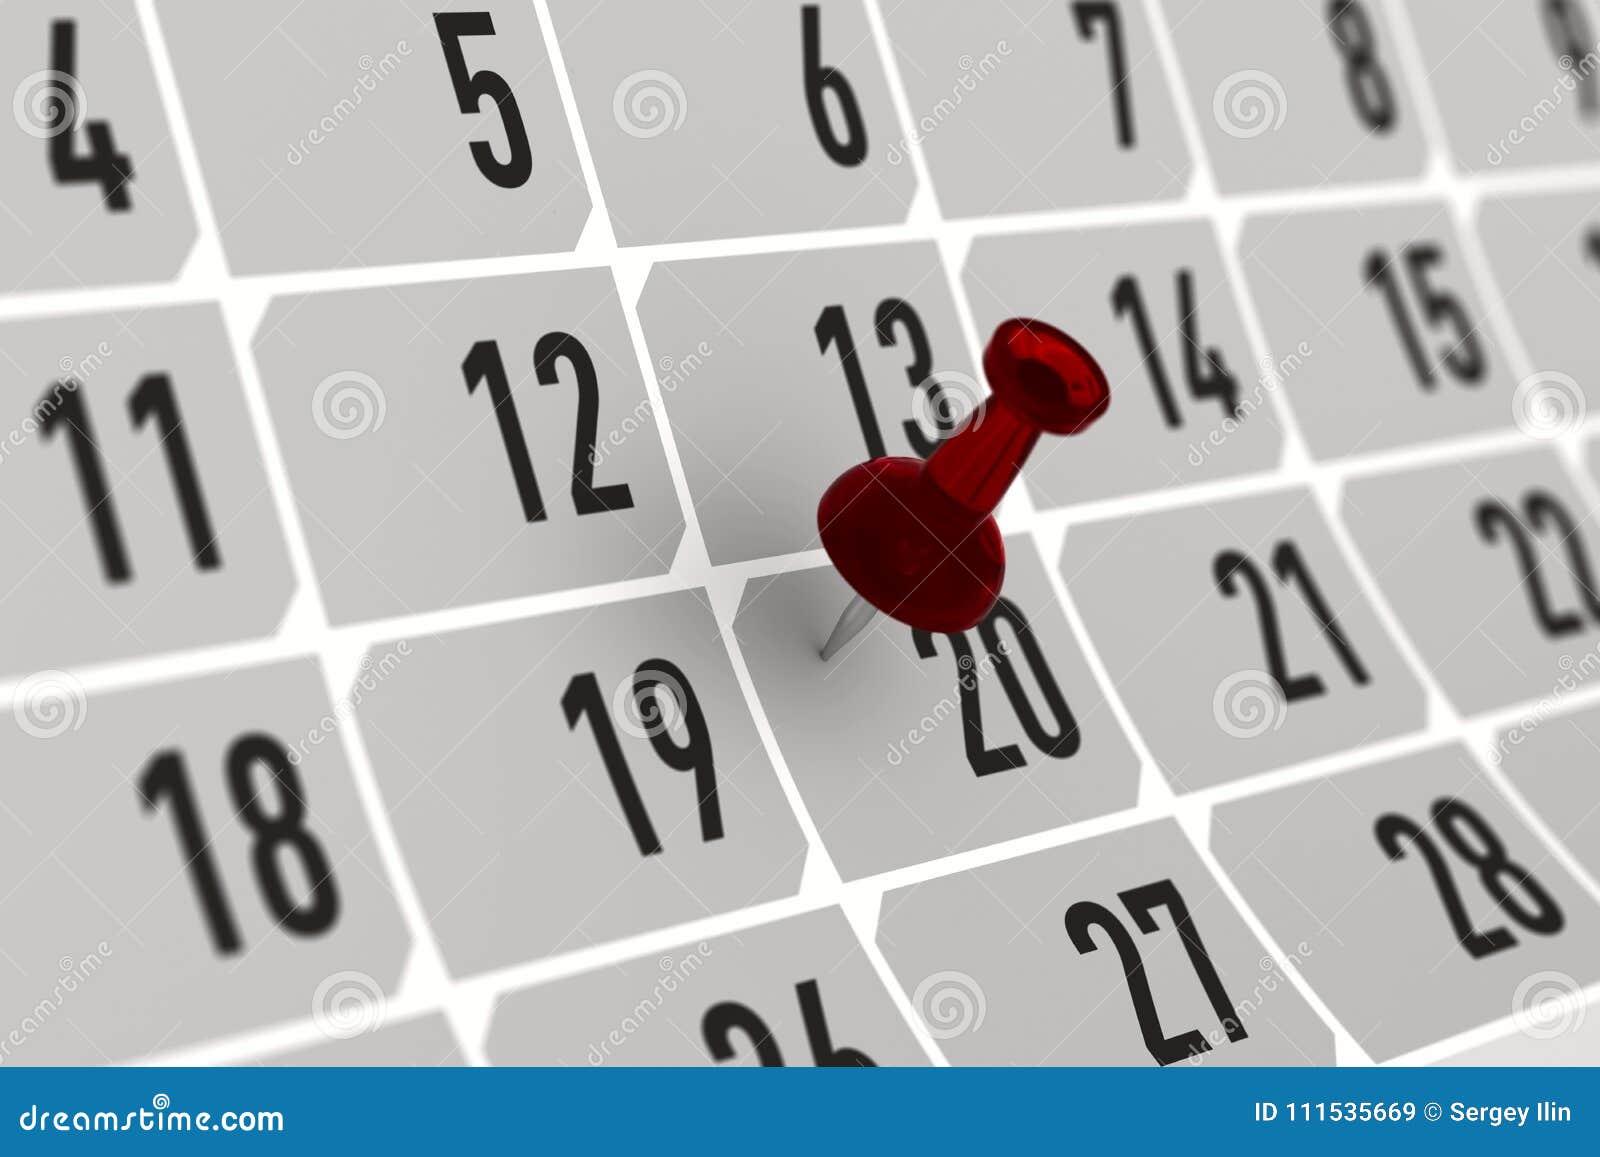 Marca Calendario.Pino Vermelho Que Marca O Dia Importante No Calendario Ilustracao 3d